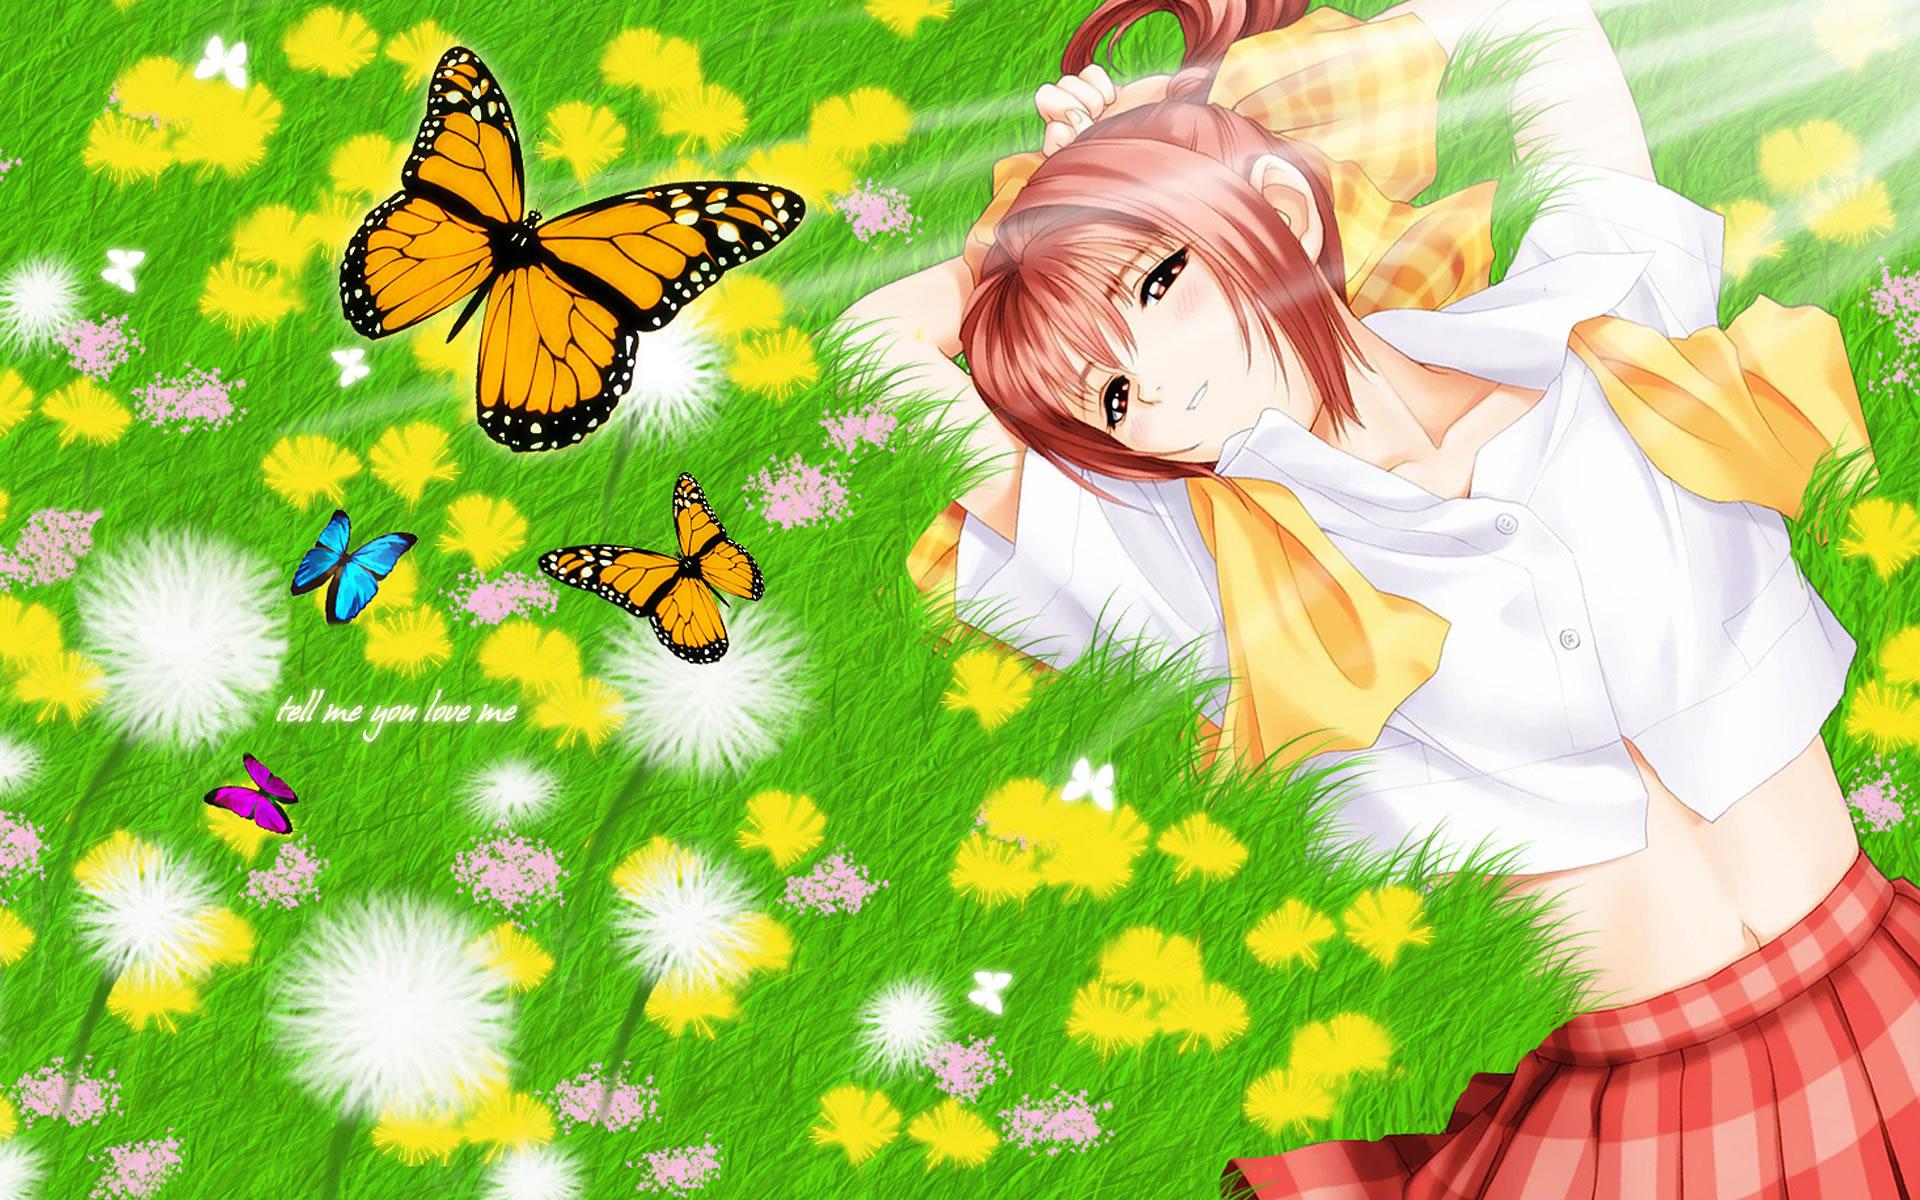 Butterflies On The Grass